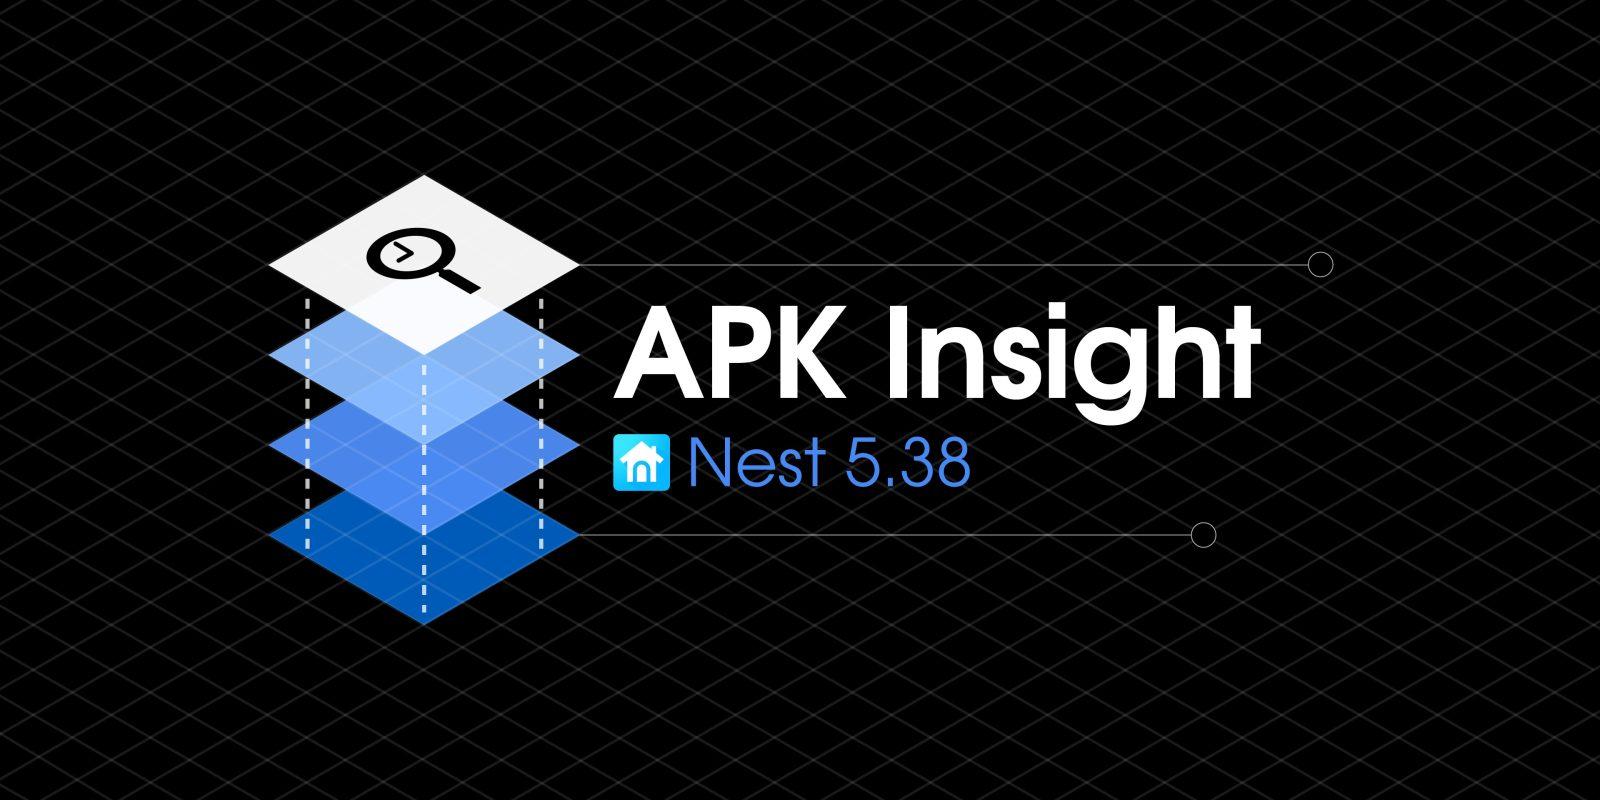 Nest 5.38 preps glass break detection for Nest Guard [APK Insight]